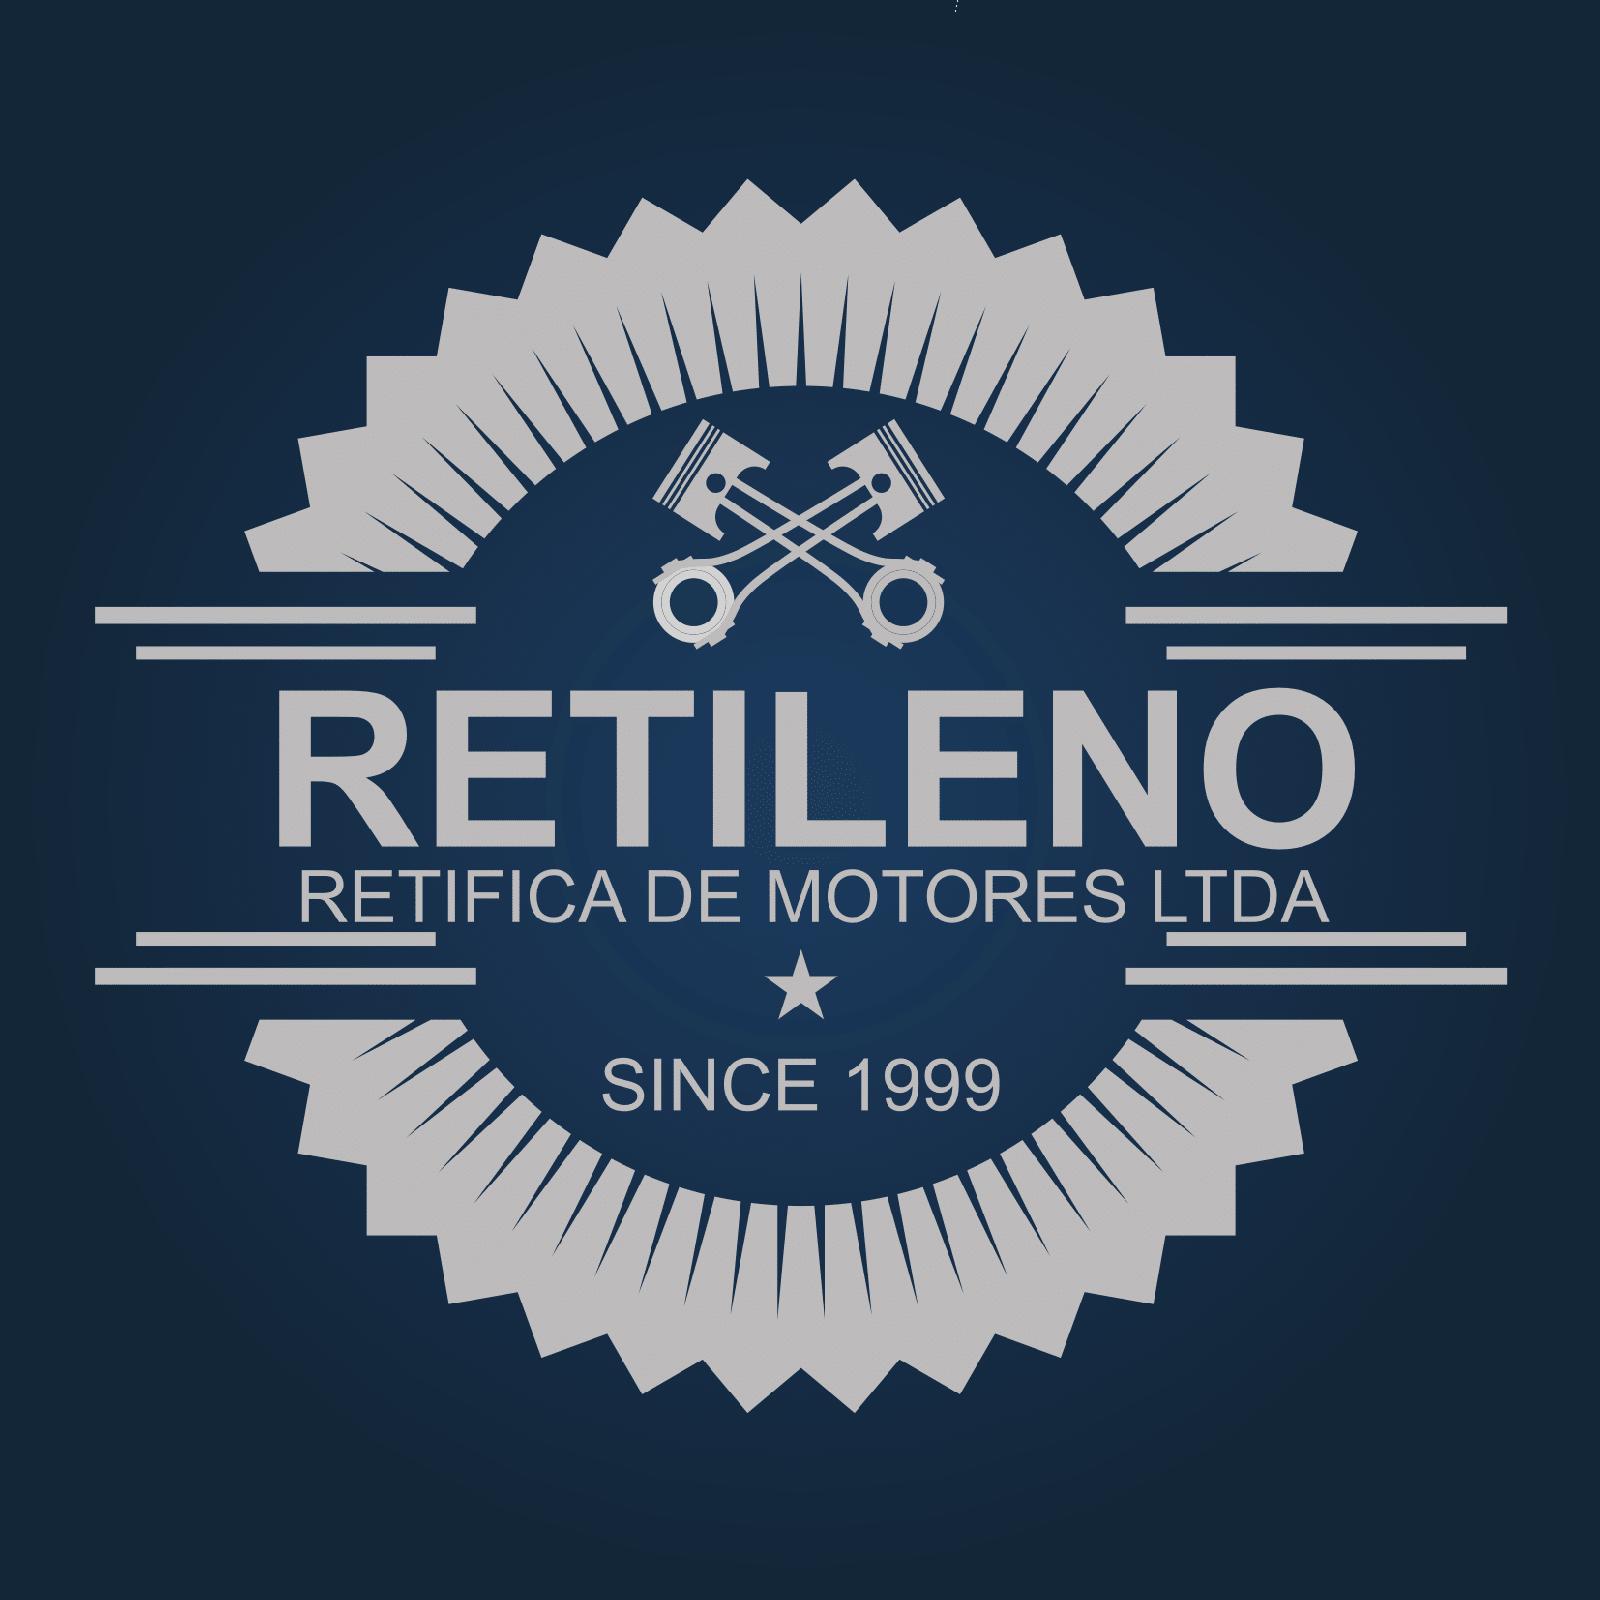 Retileno - Retifica de Motores